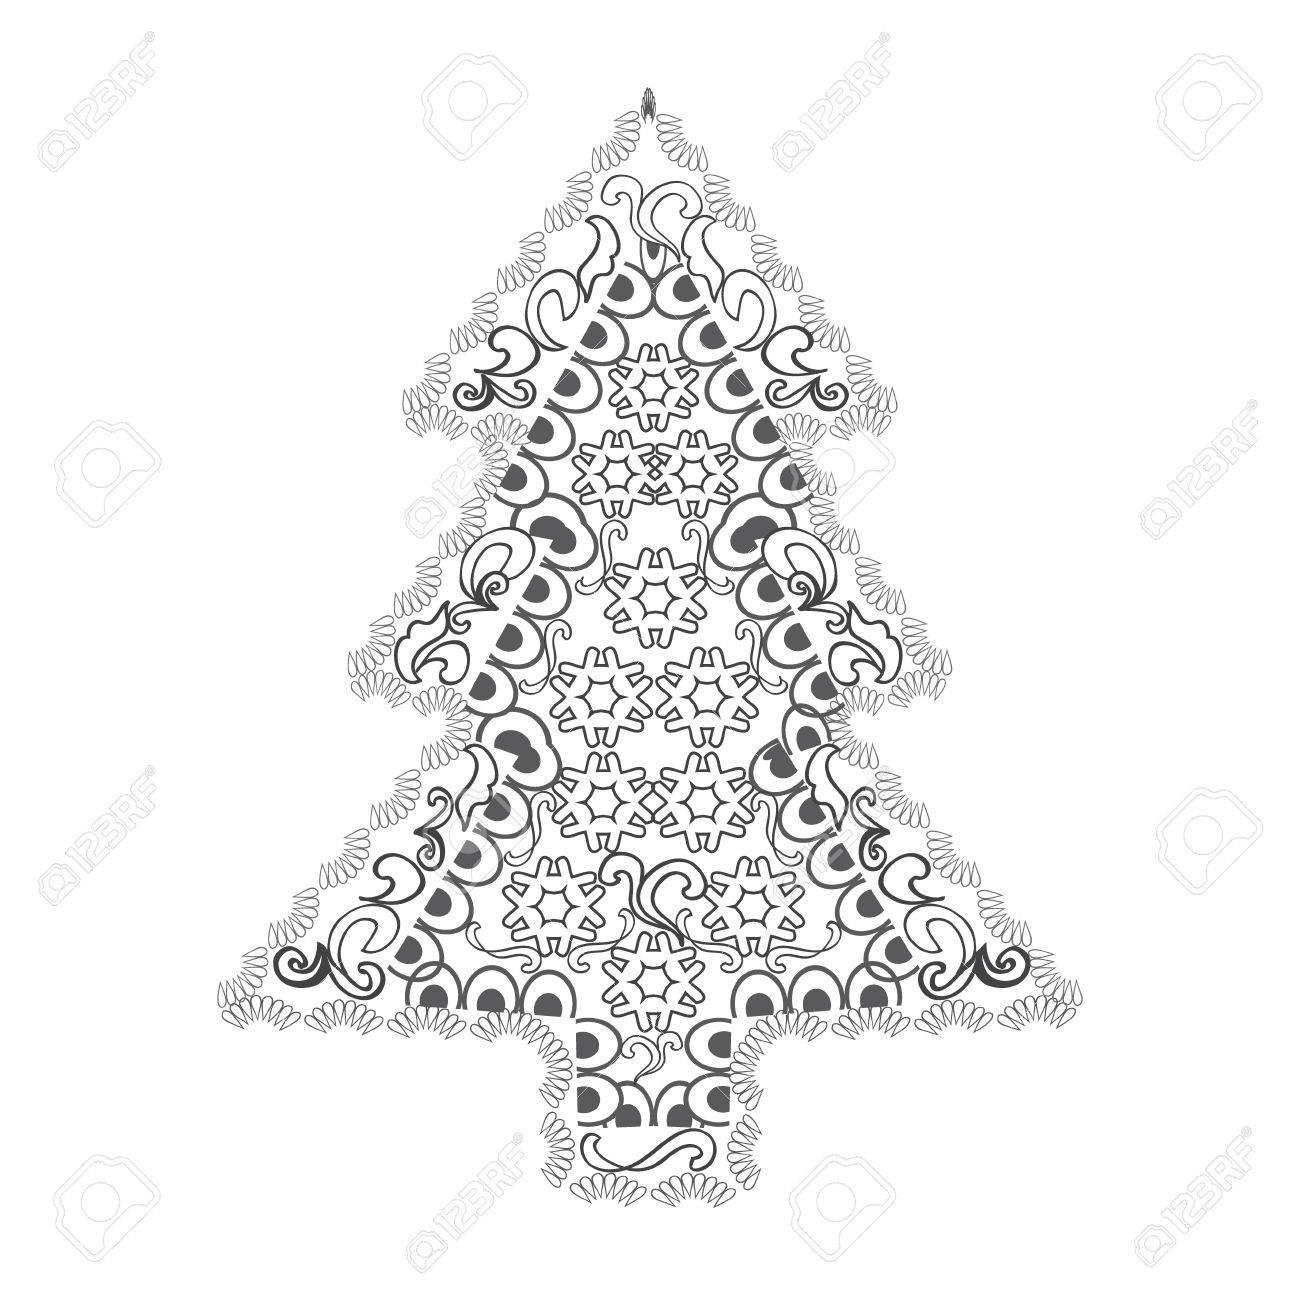 Coloriage Adulte Bonne Annee.Bonne Annee Et Joyeux Noel Carte Arbre De Noel Dans Le Style